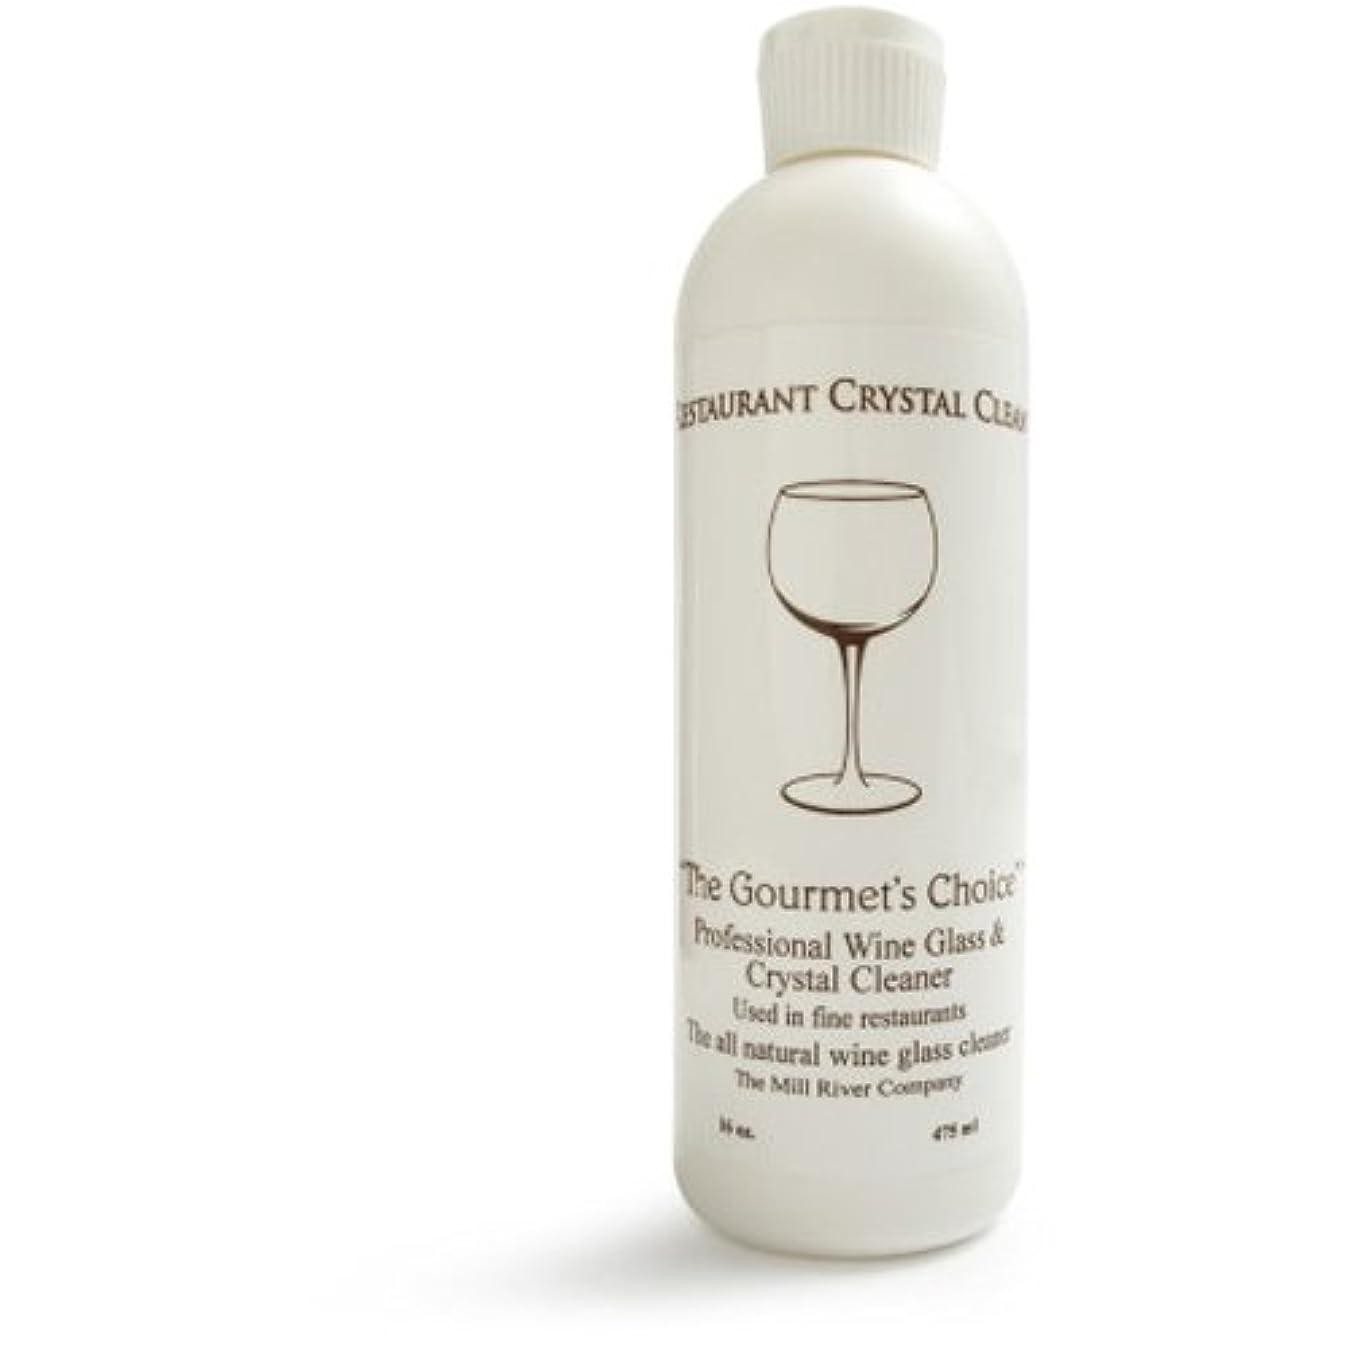 任命どれミルレストランクリスタルクリーン: Professionalワインガラスクリーナーとクリスタルクリーニング液体- 16オンス